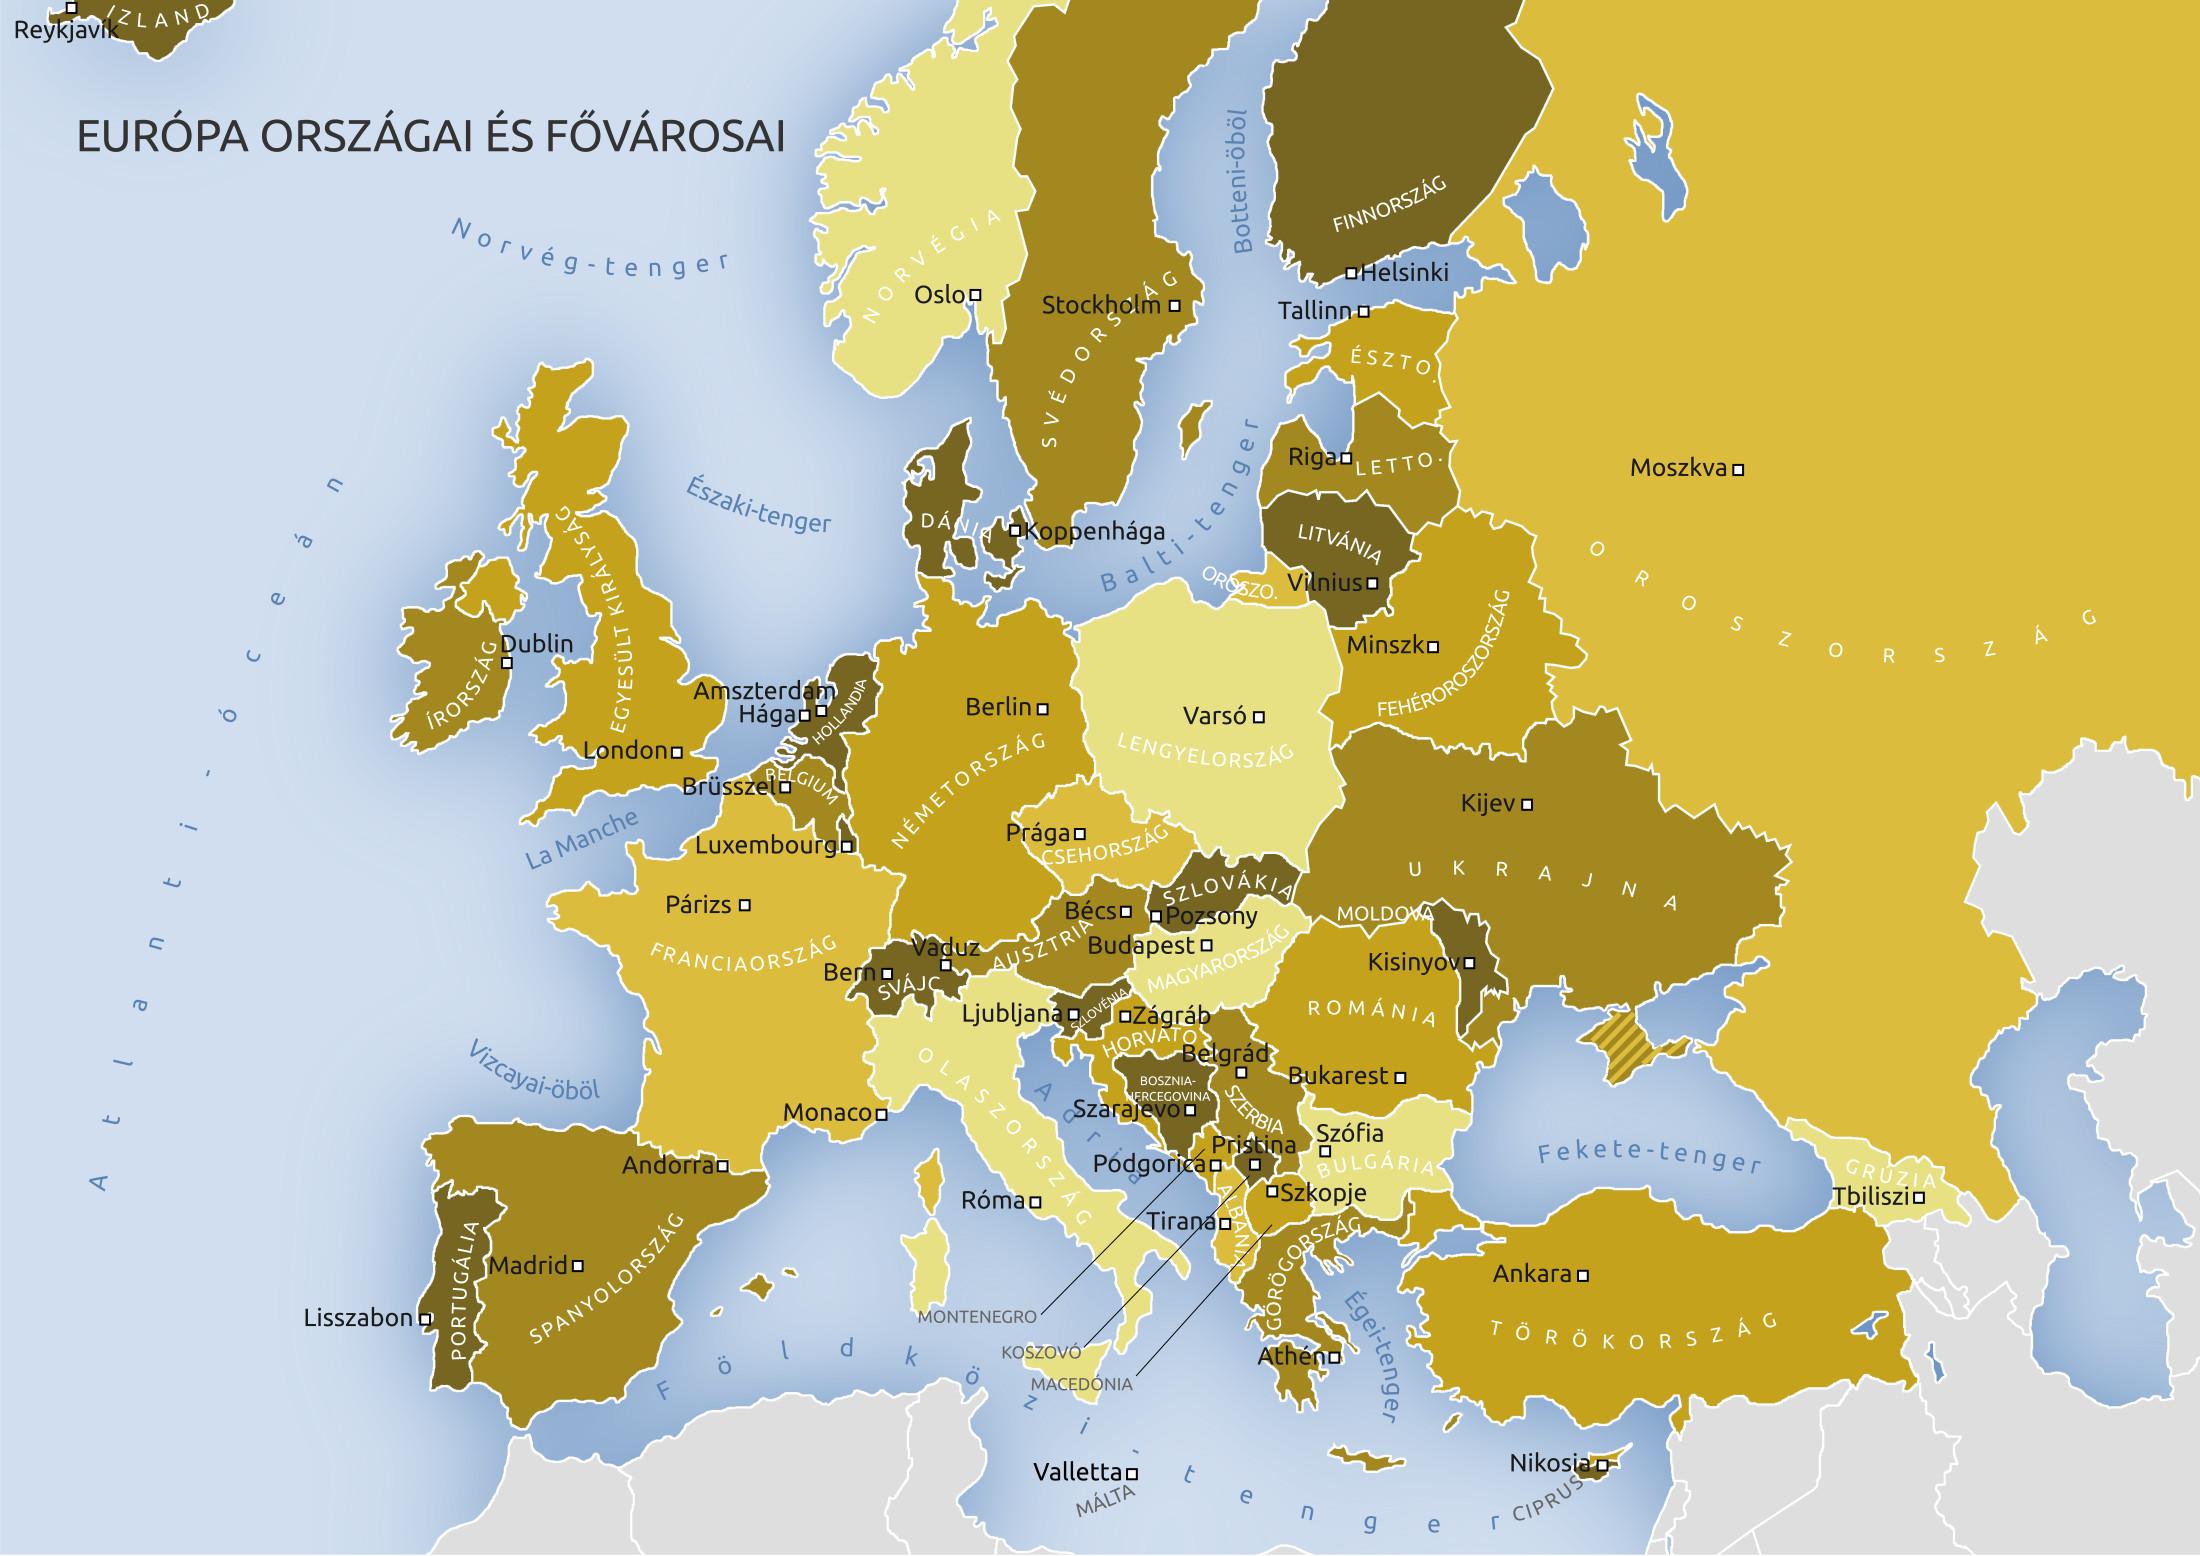 európa térkép városokkal Európa országai fővárosokkal európa térkép városokkal